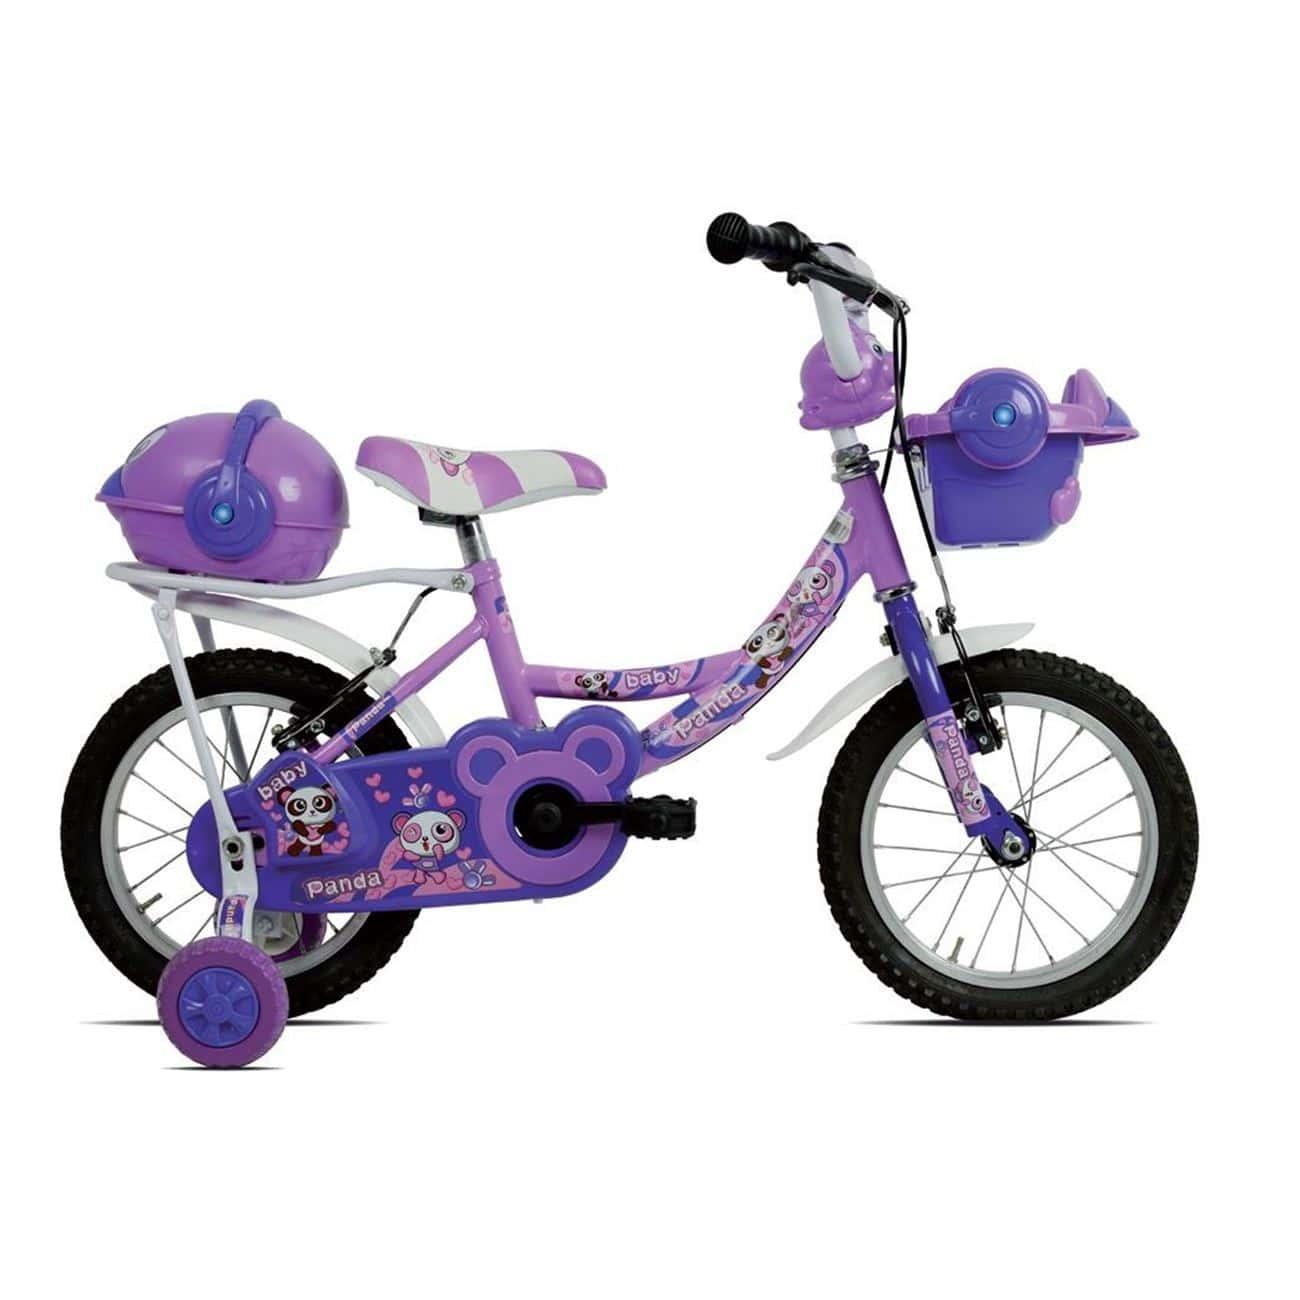 """Ποδήλατο Esperia Panda 14"""""""